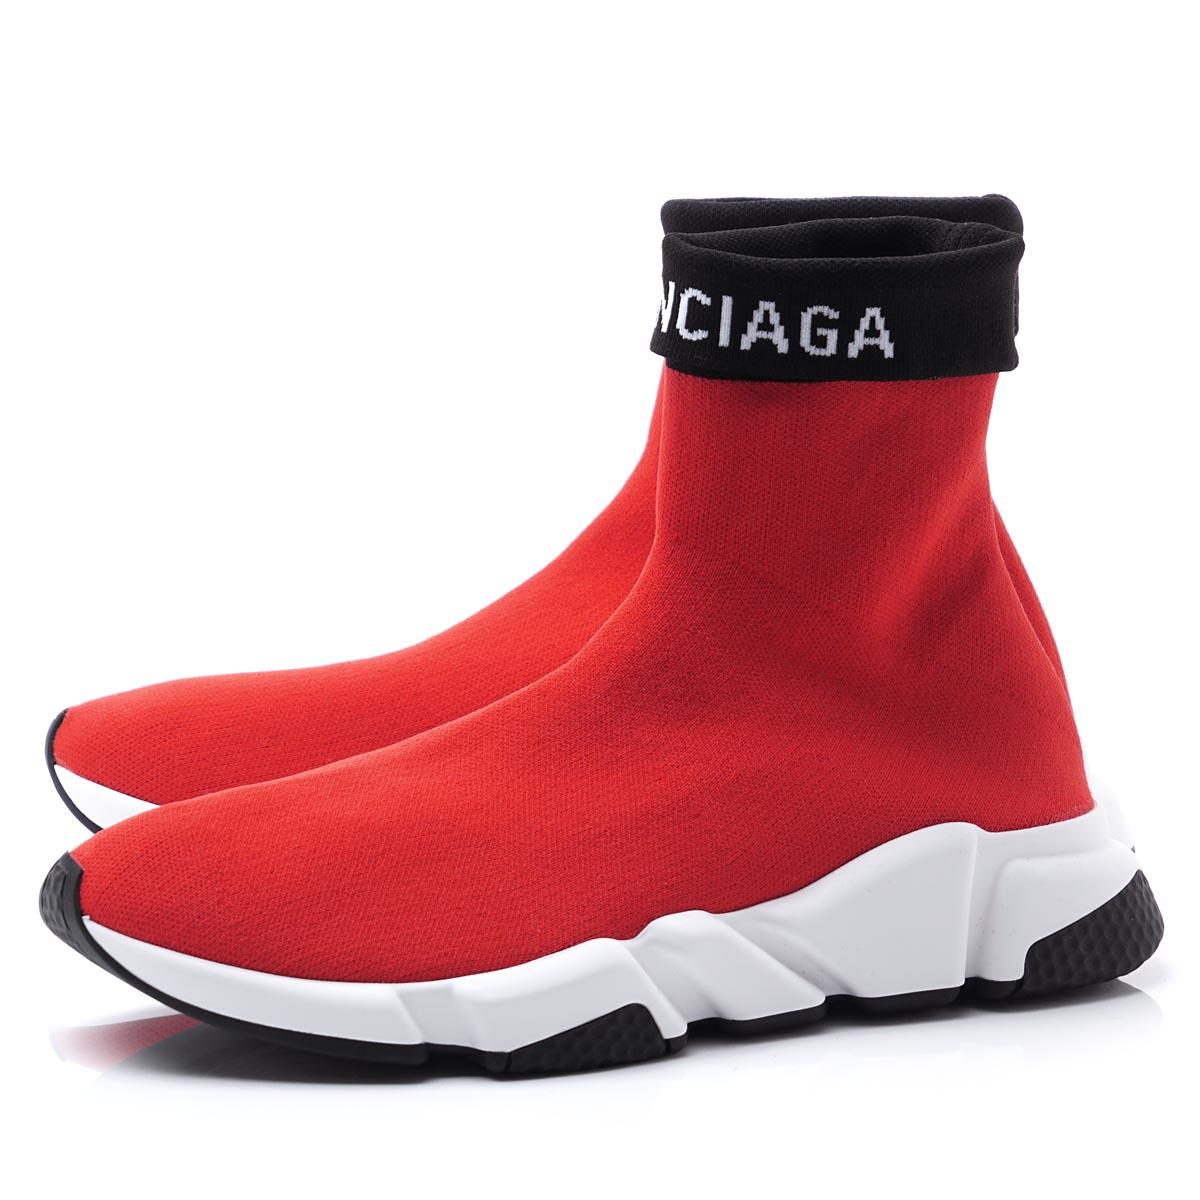 メンズ靴, スニーカー  BALENCIAGA 530363 w1gv0 6578 MAILLE RETOURNEE